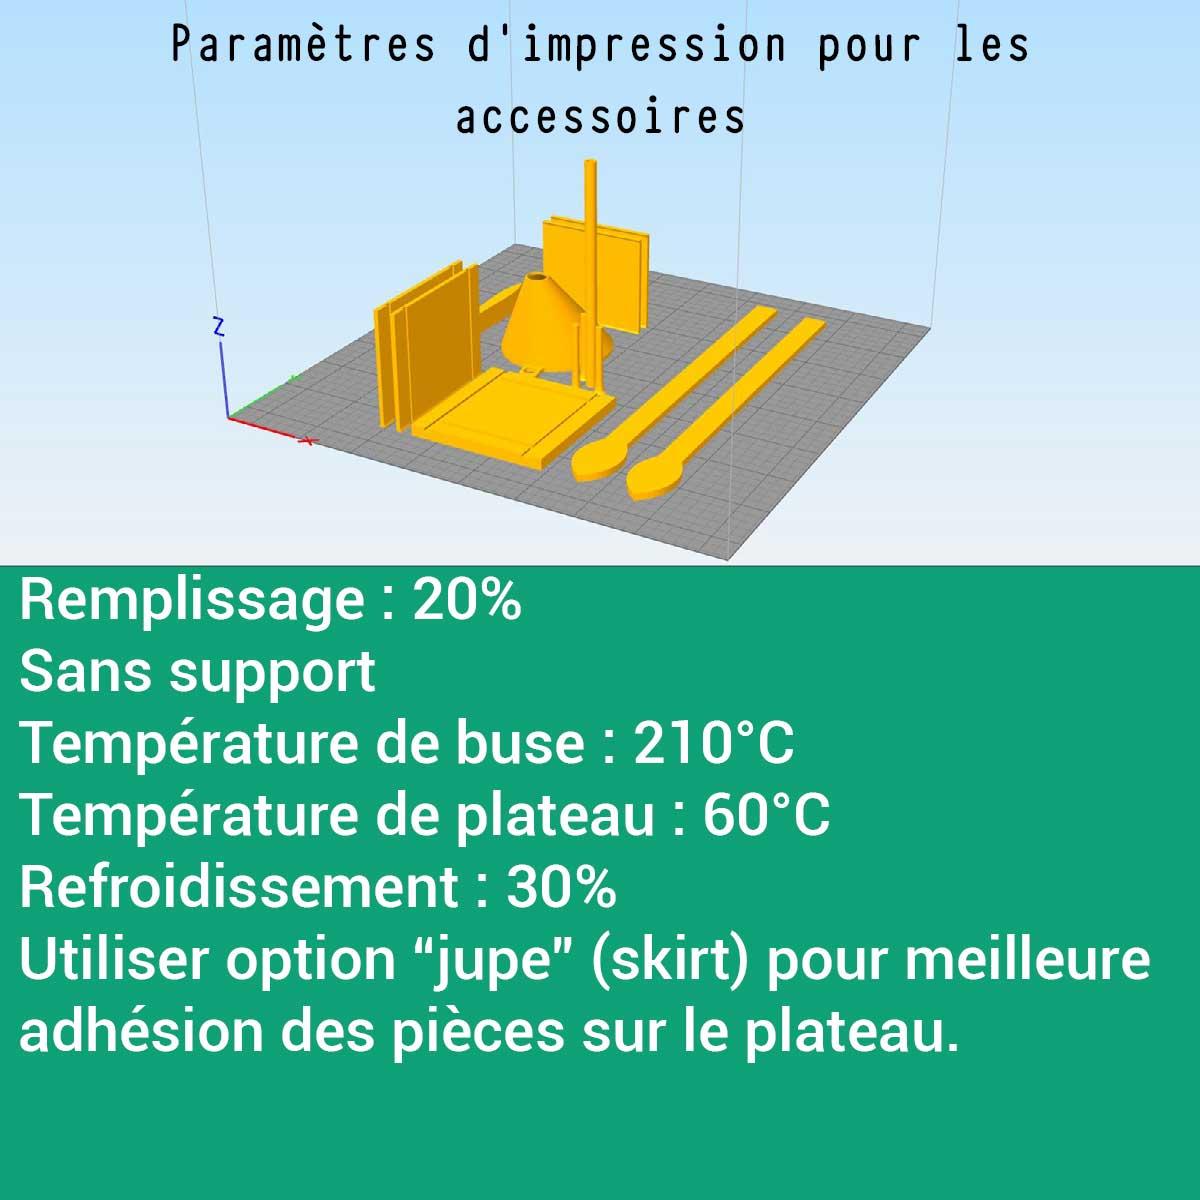 paramètres d'impression pour les accessoires de la boite a fil moulage silicone et impression 3D